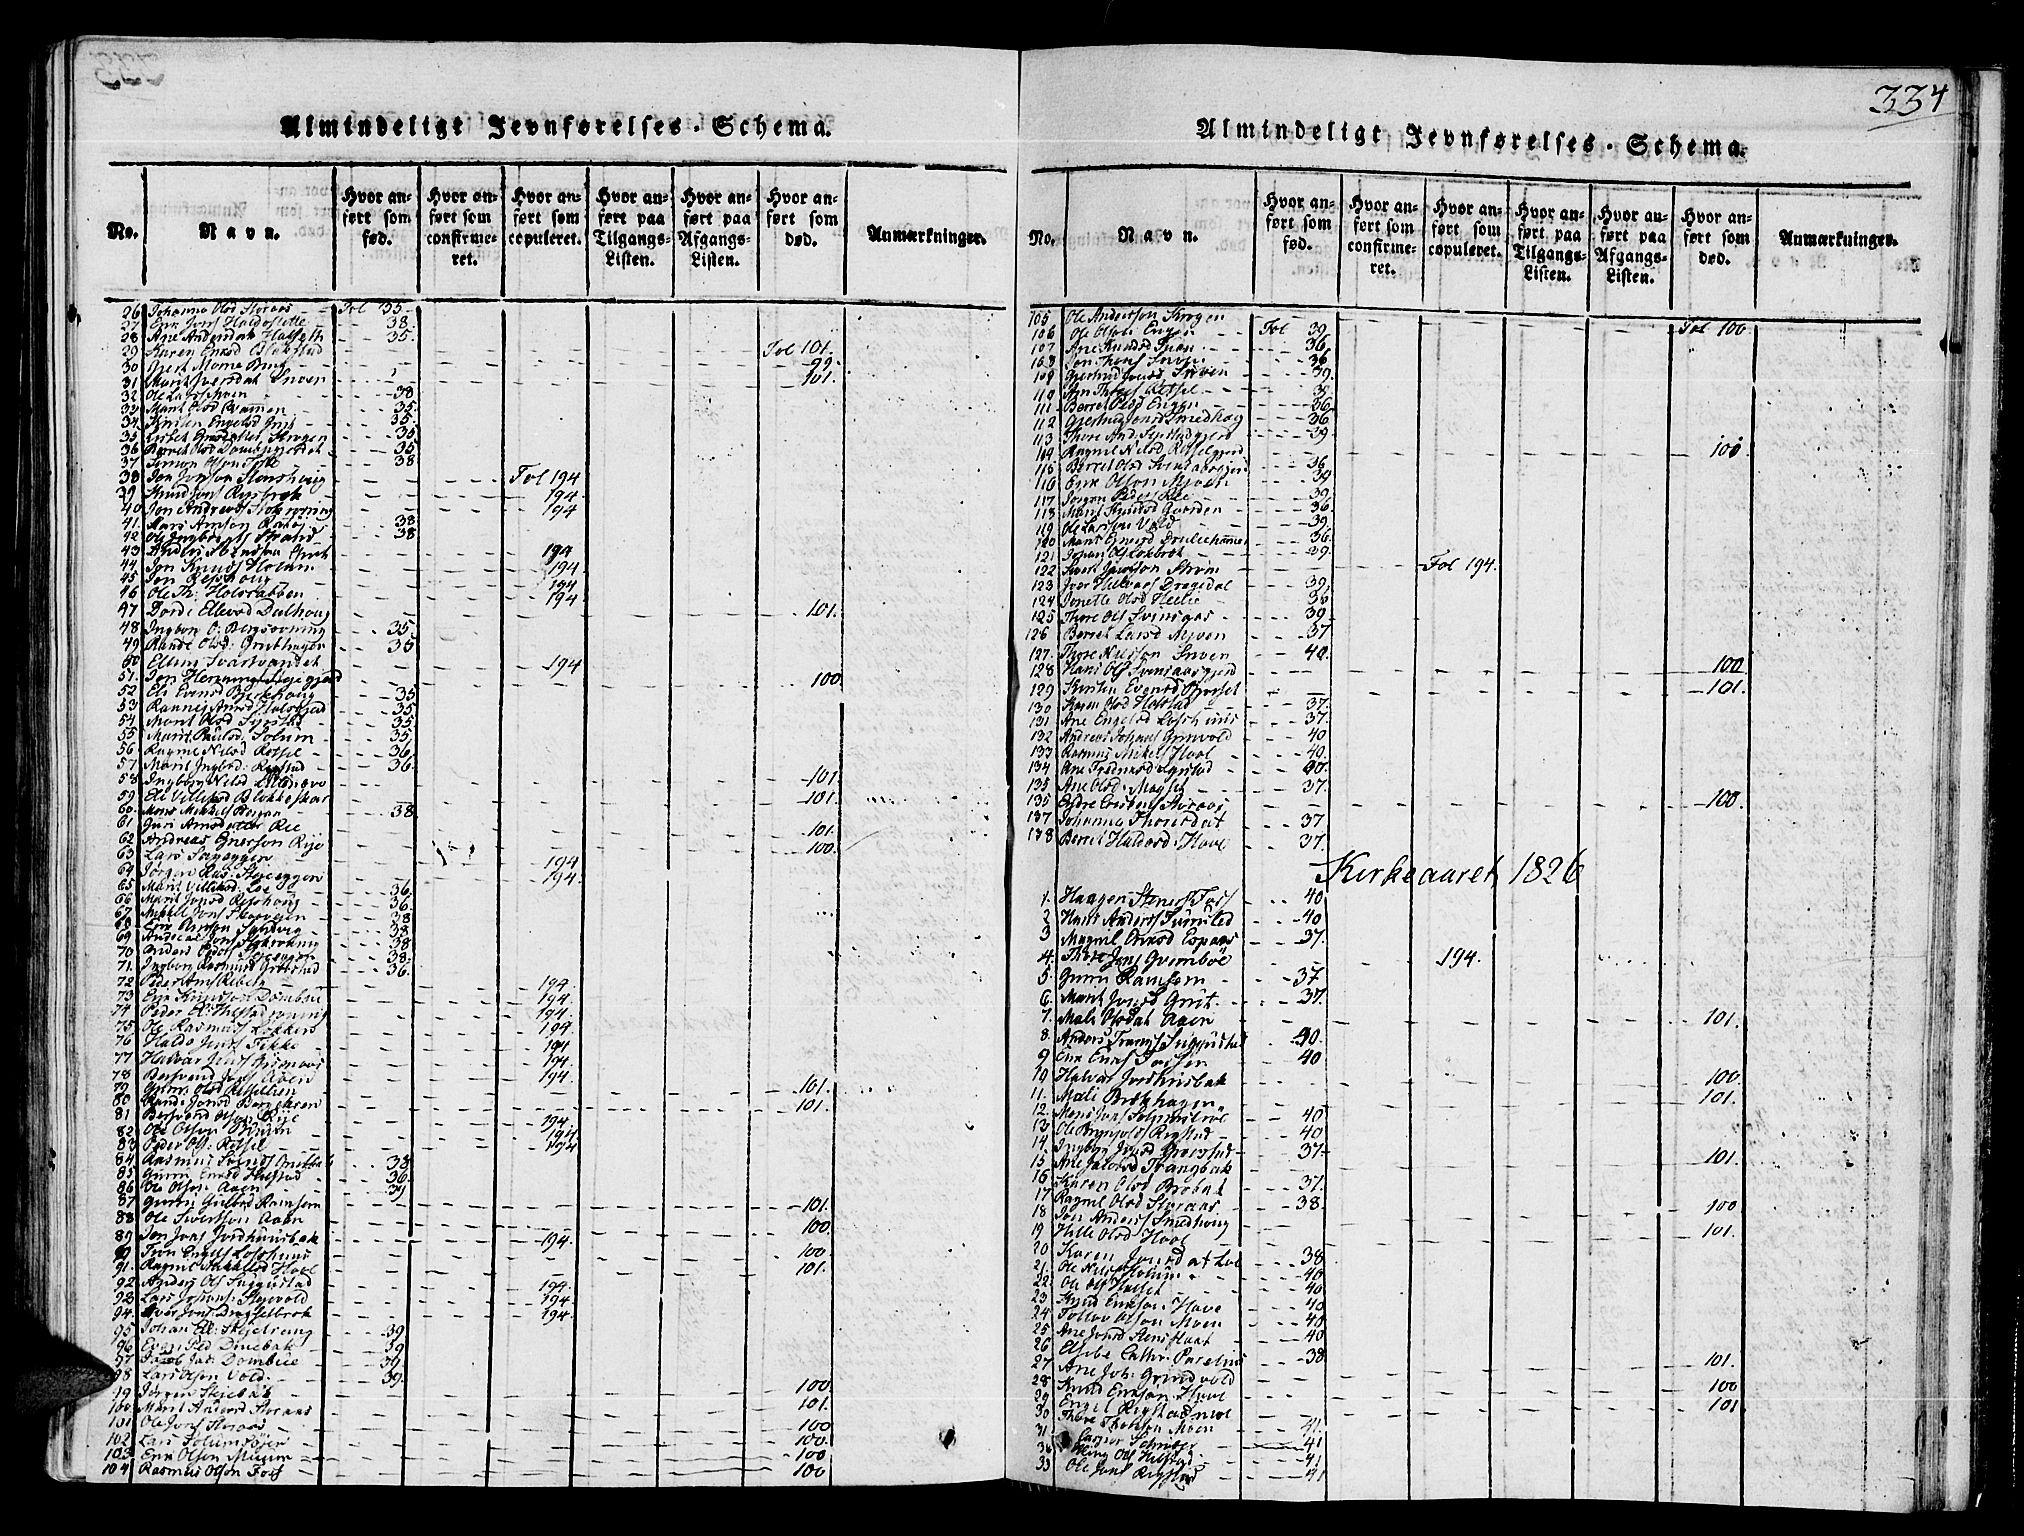 SAT, Ministerialprotokoller, klokkerbøker og fødselsregistre - Sør-Trøndelag, 672/L0853: Ministerialbok nr. 672A06 /1, 1816-1829, s. 334